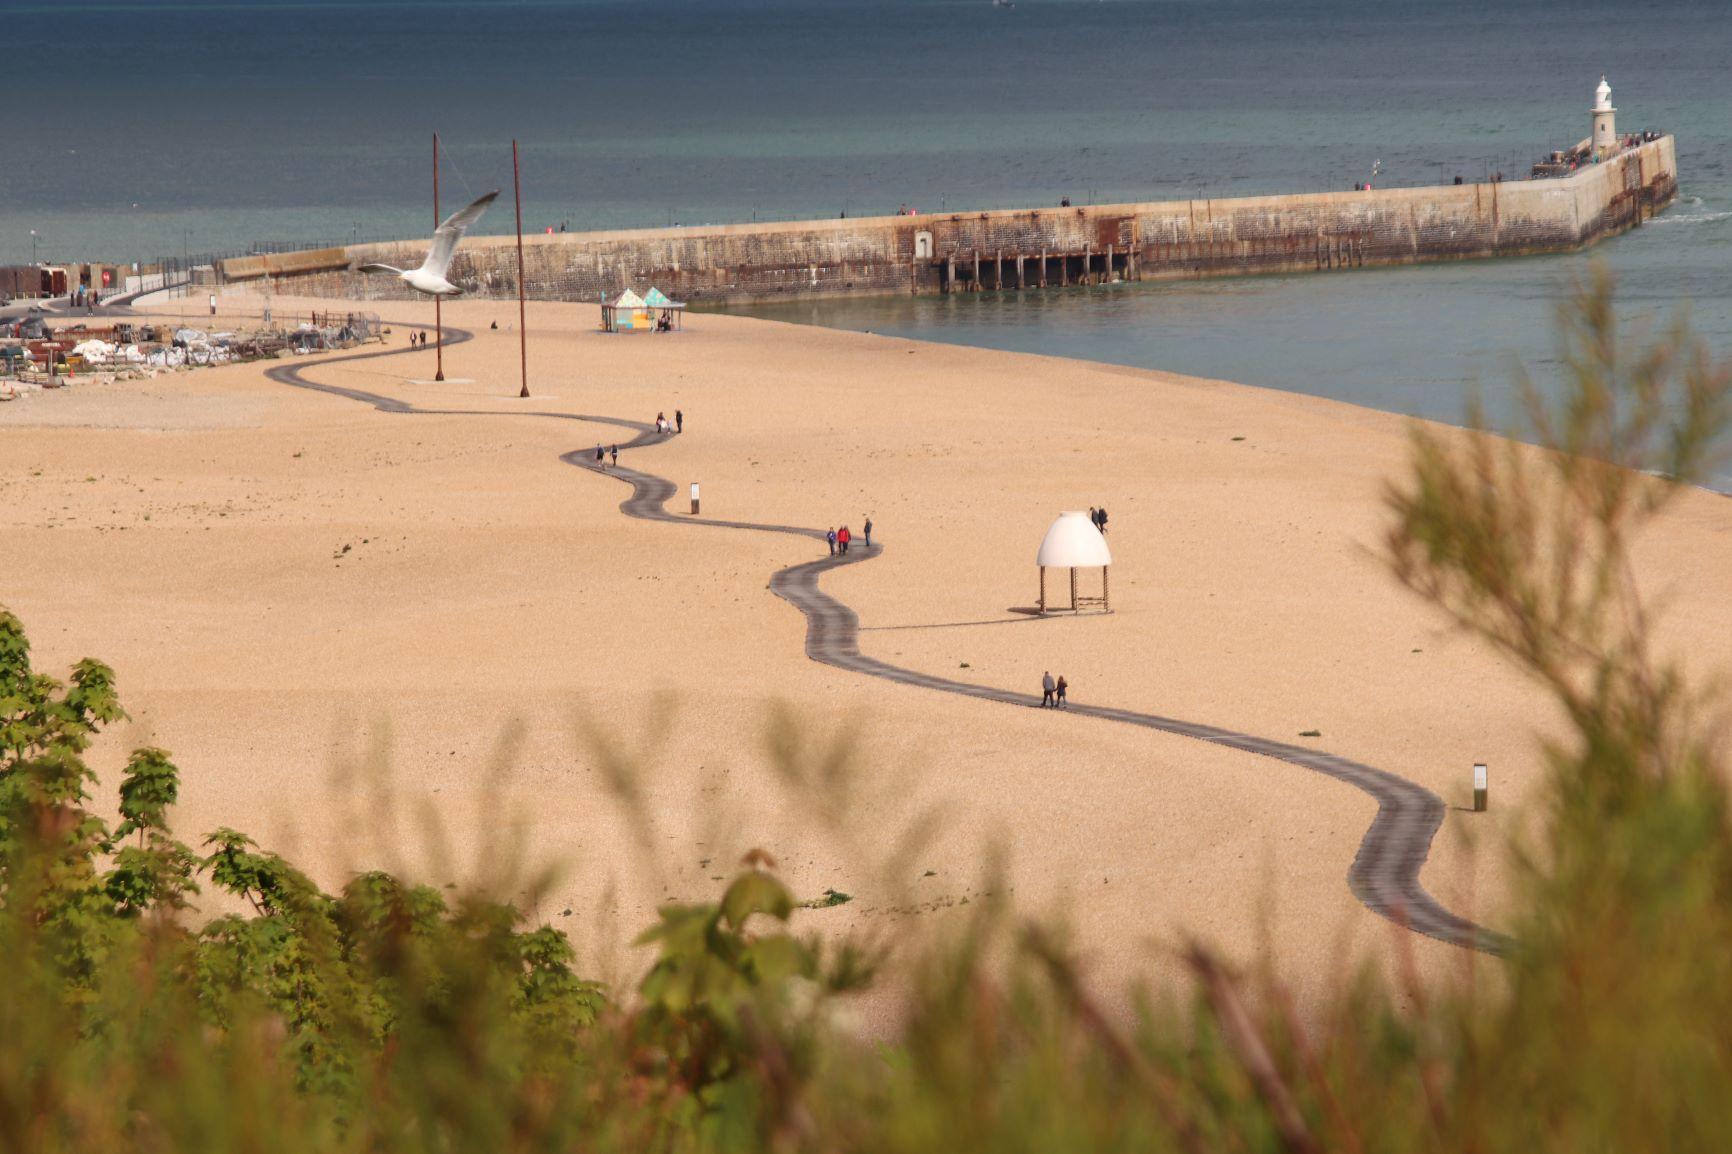 Folkestone boardwalk